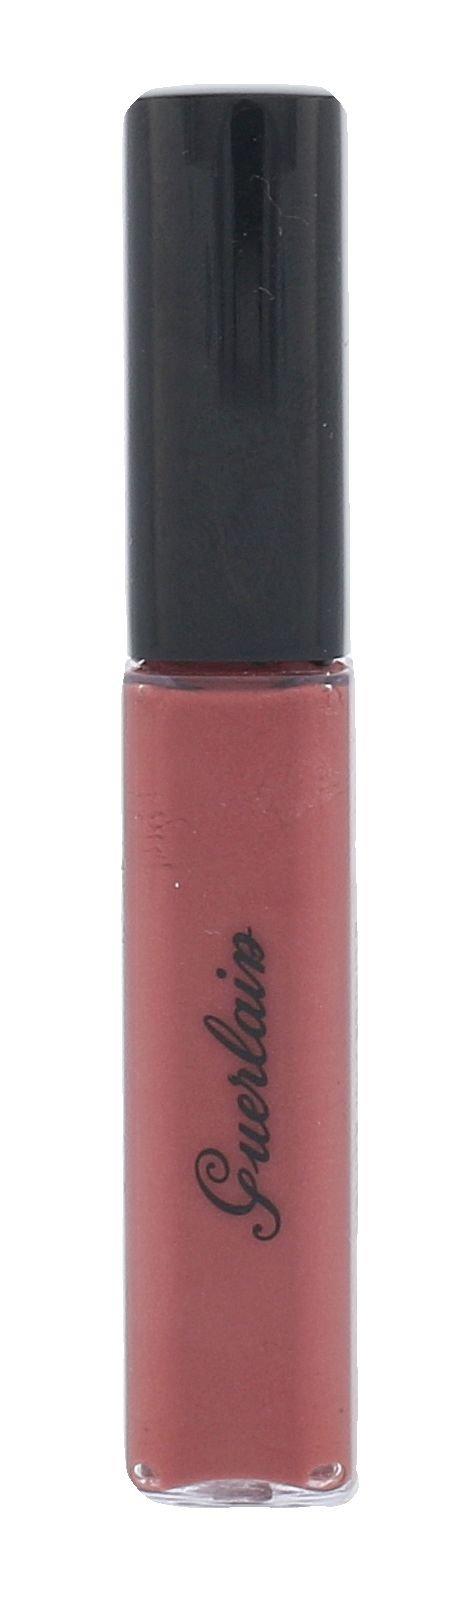 Guerlain KissKiss Cosmetic 4ml 421 Grenat